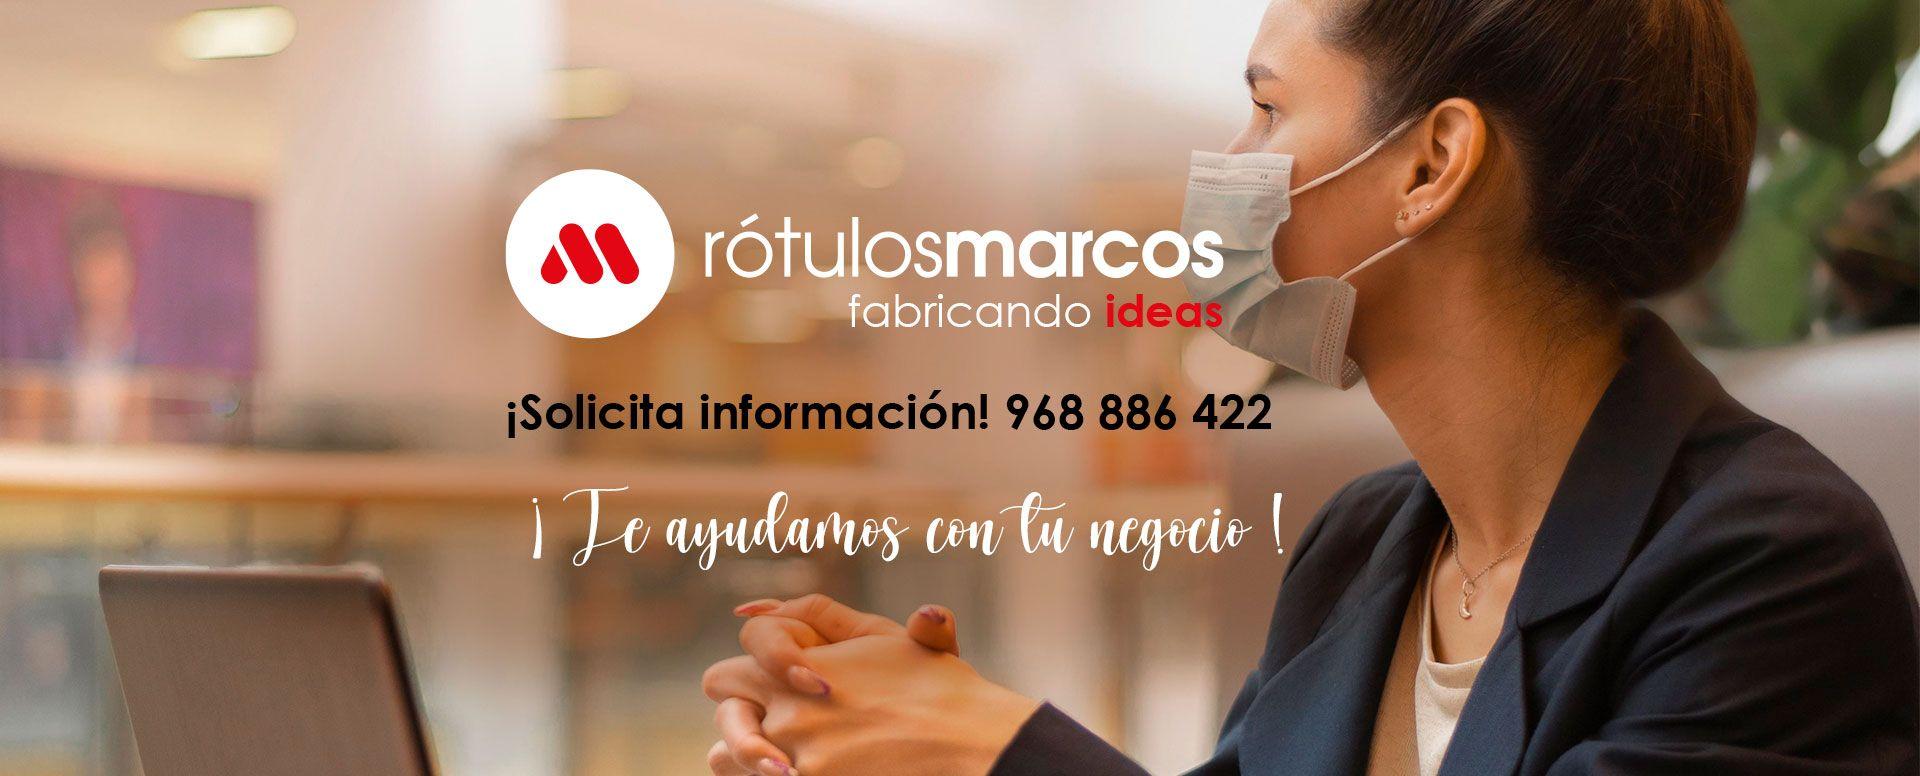 ¡Te ayudamos con tu negocio!